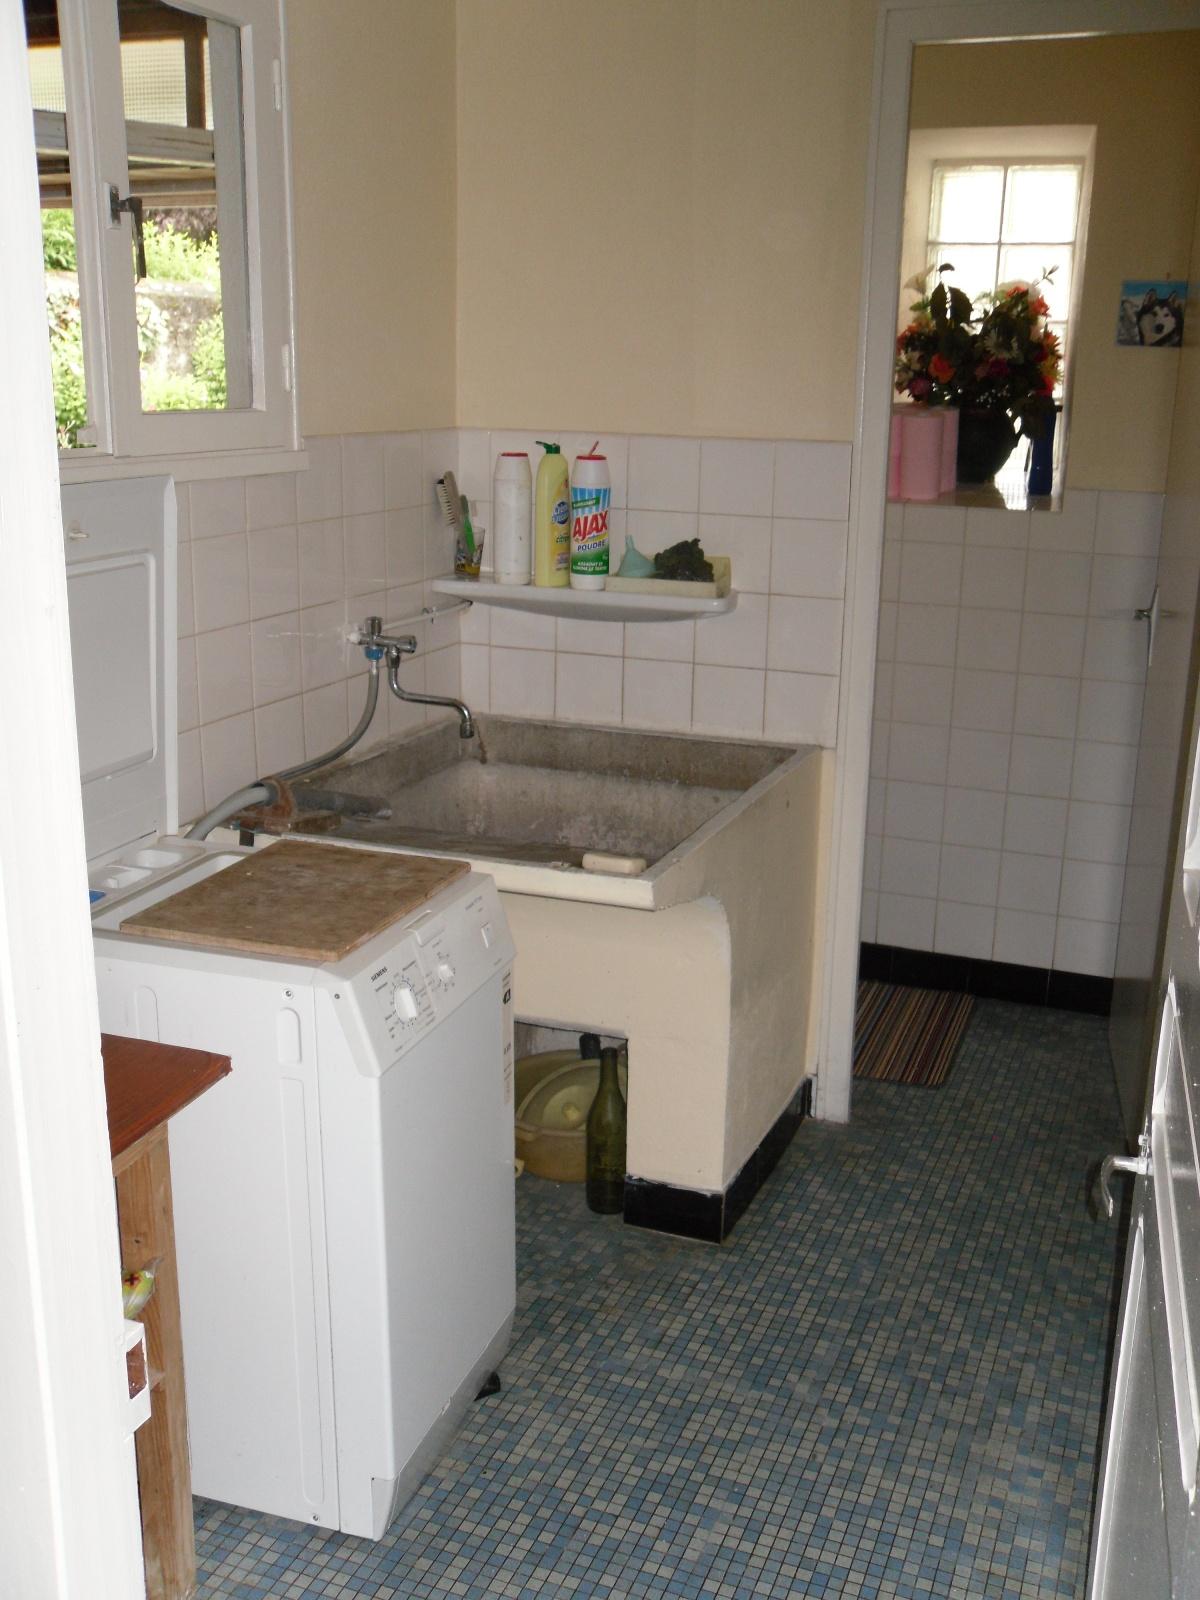 Salle d eau pour personne mobilit r duite pmr ajp65 - Amenagement d une buanderie ...